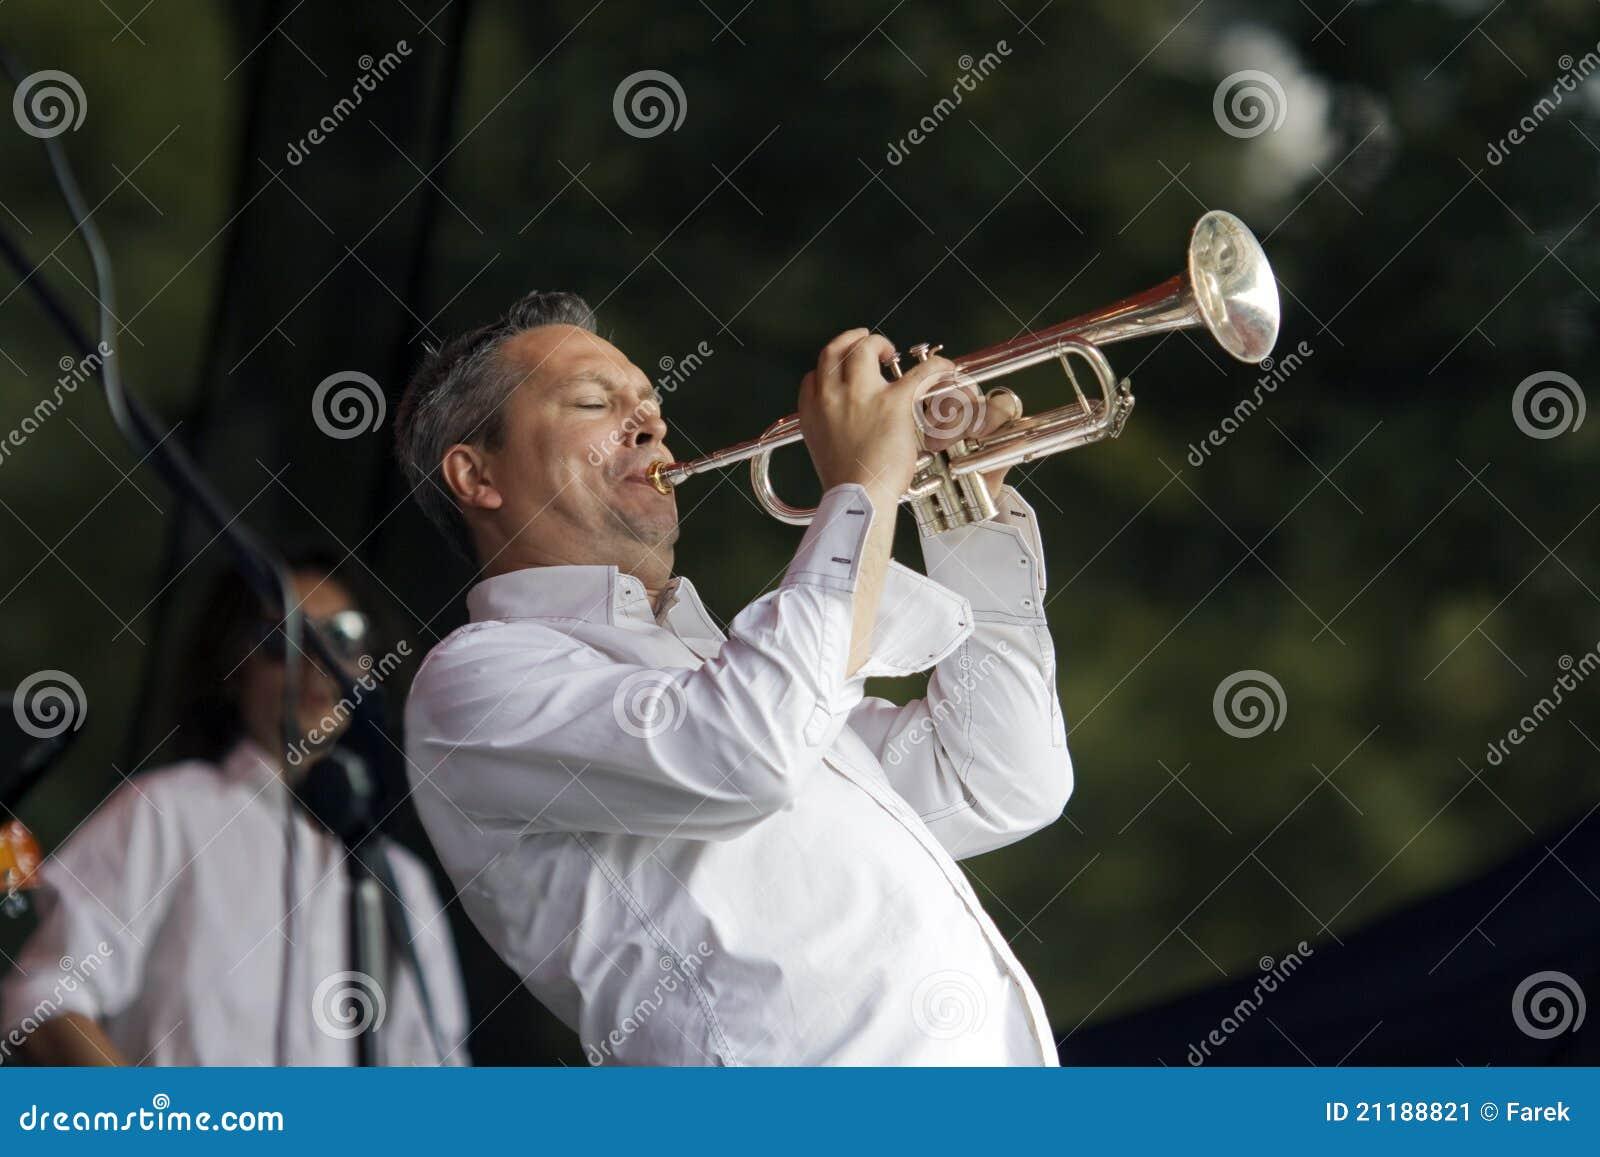 Jazz trumpeter